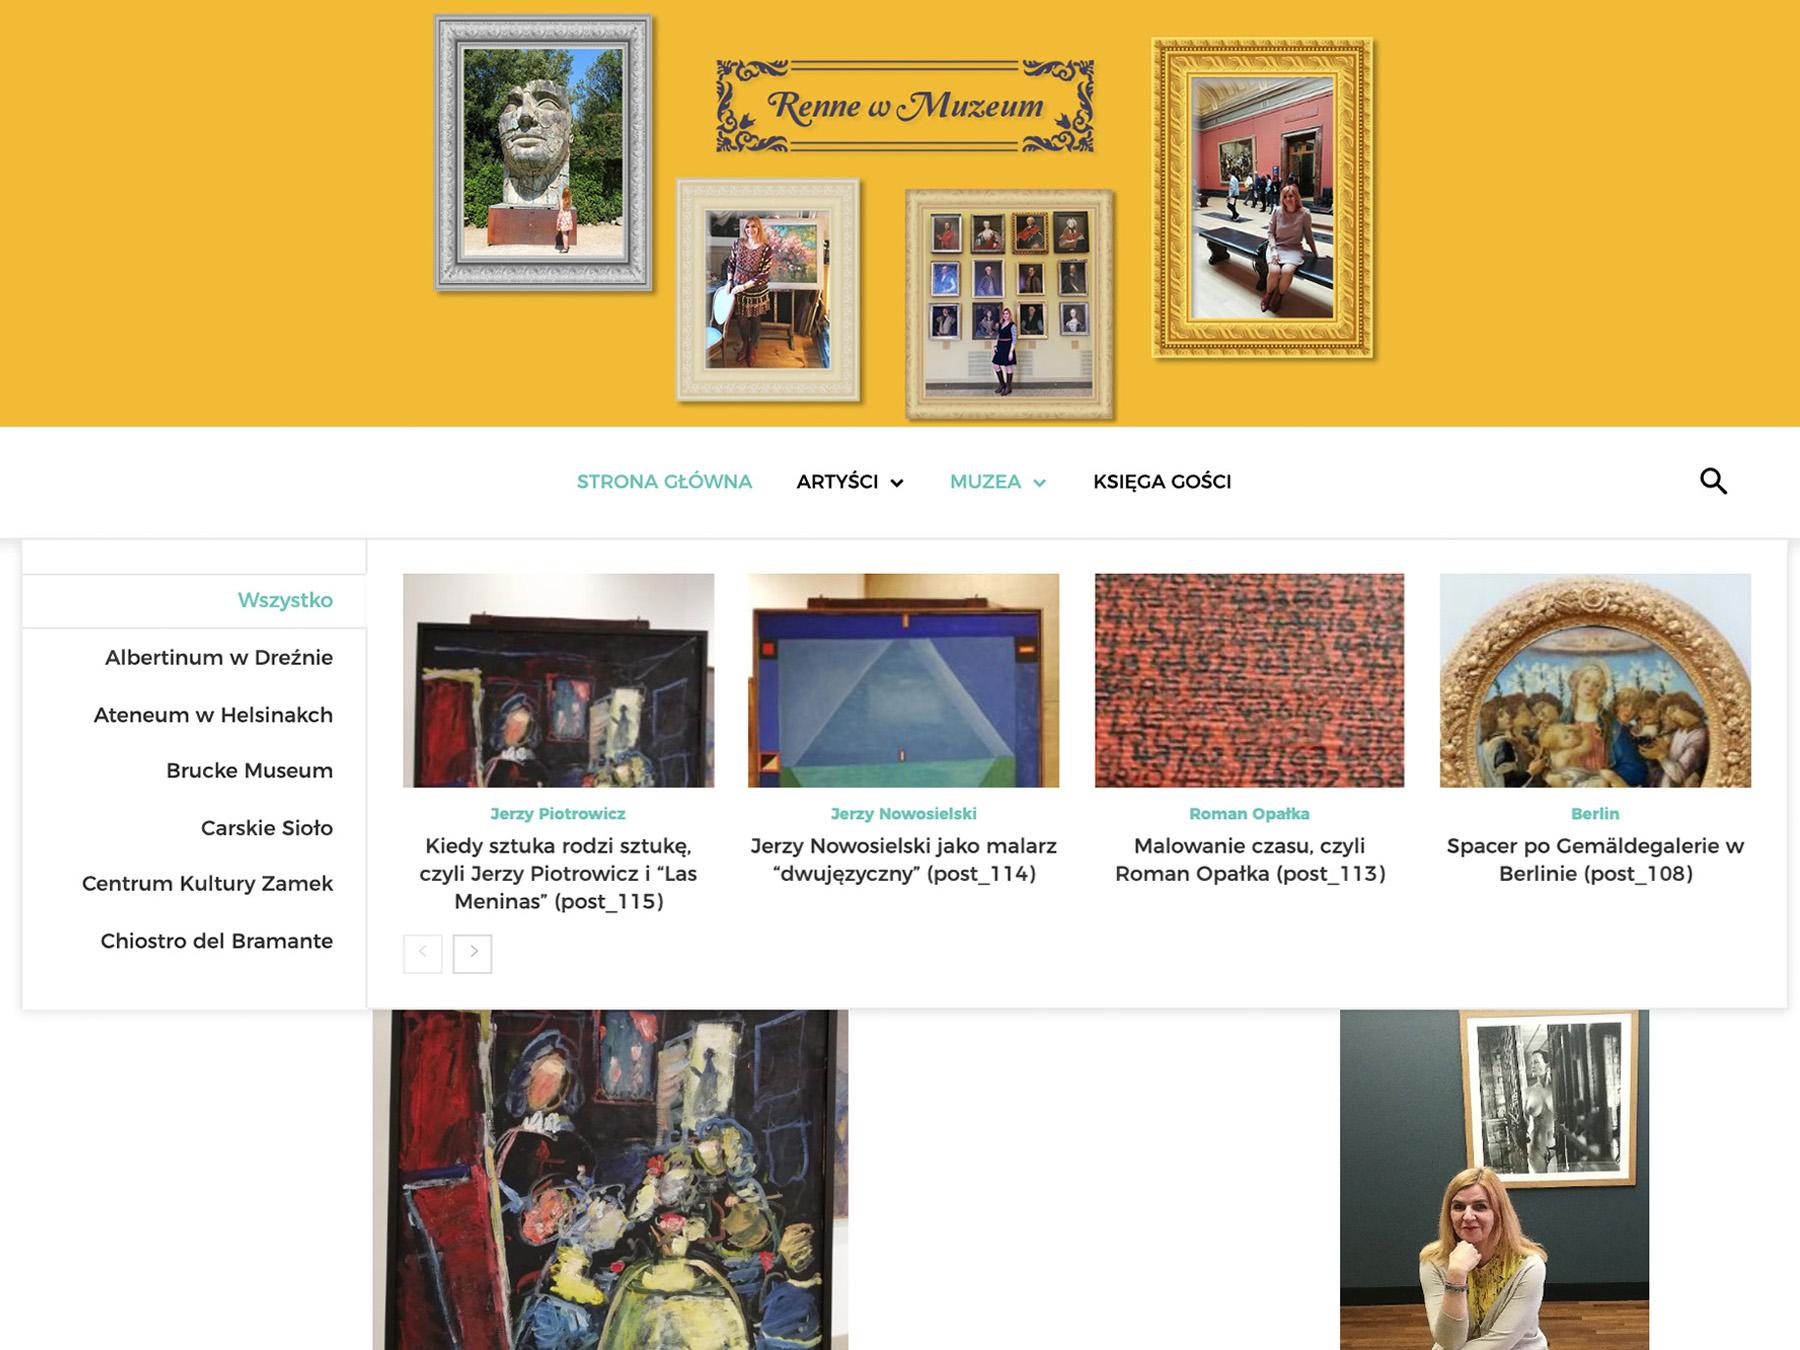 Renne w Muzeum - Blog artystyczny